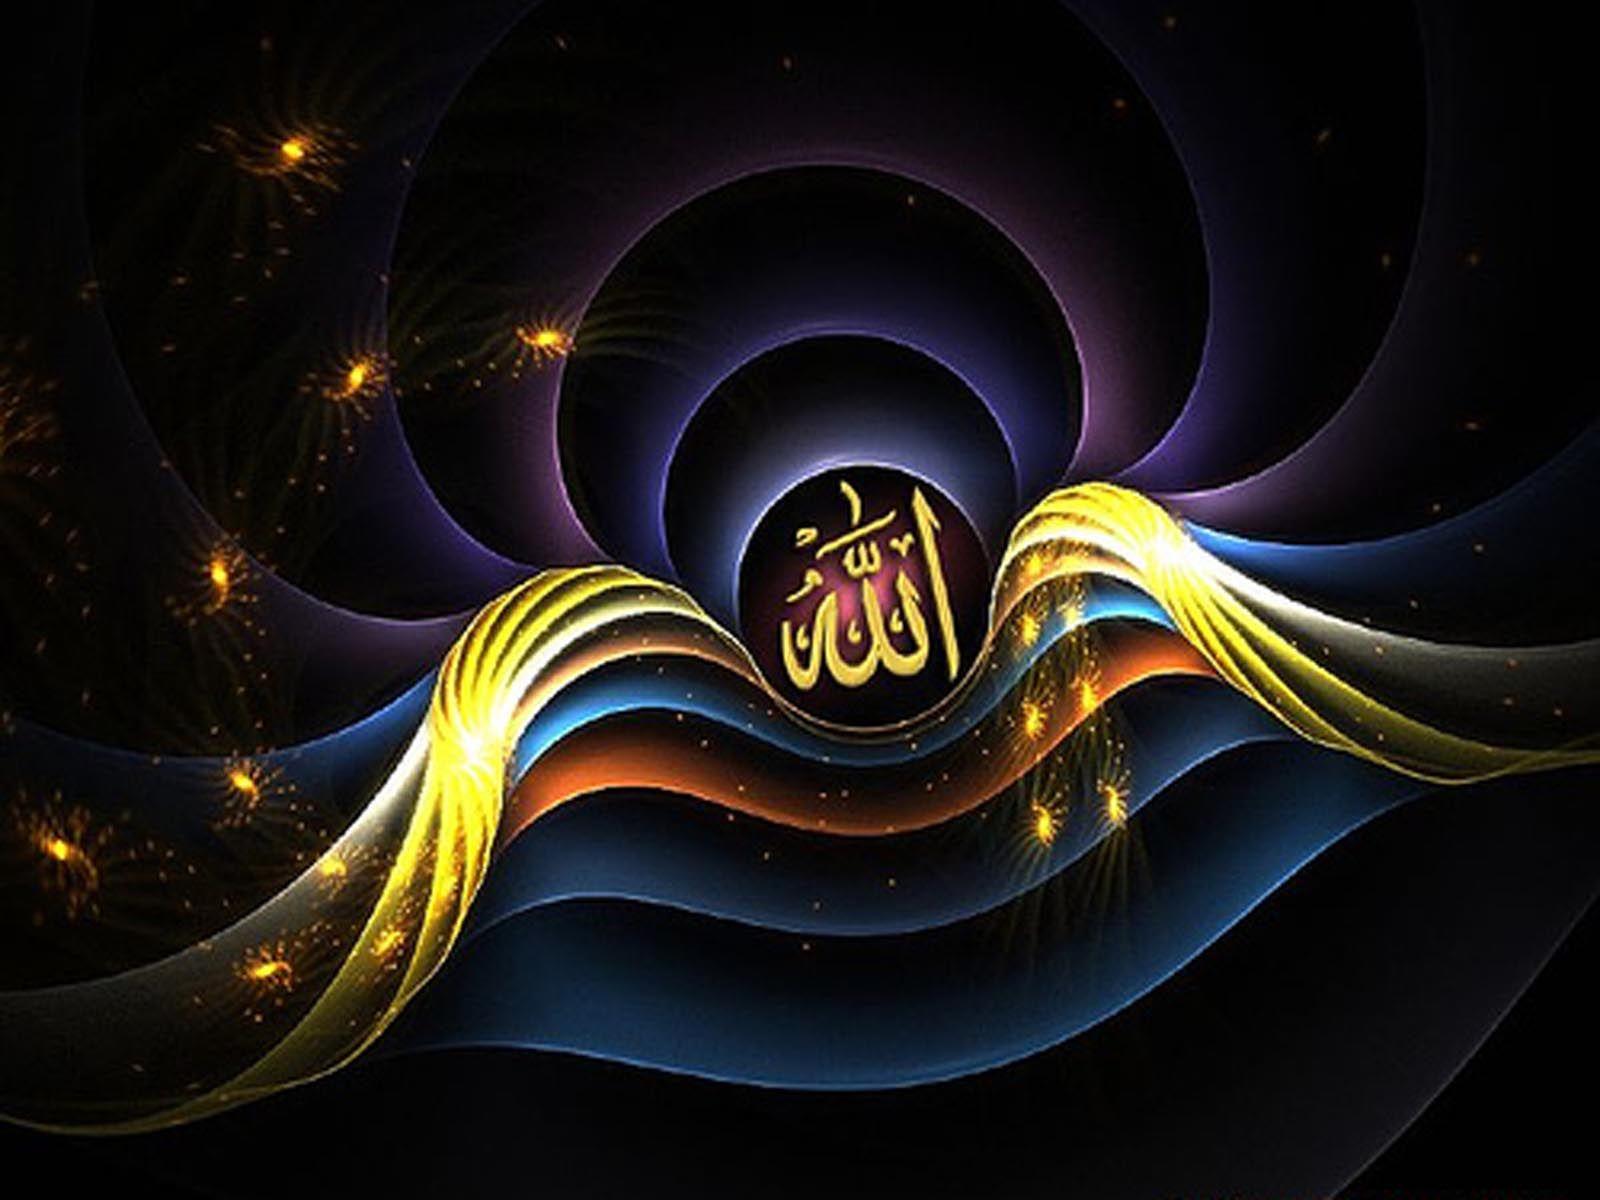 Download Allah S Name Beautiful Hd Wallpapers 2013 Gambar Karakter Kaligrafi Allah